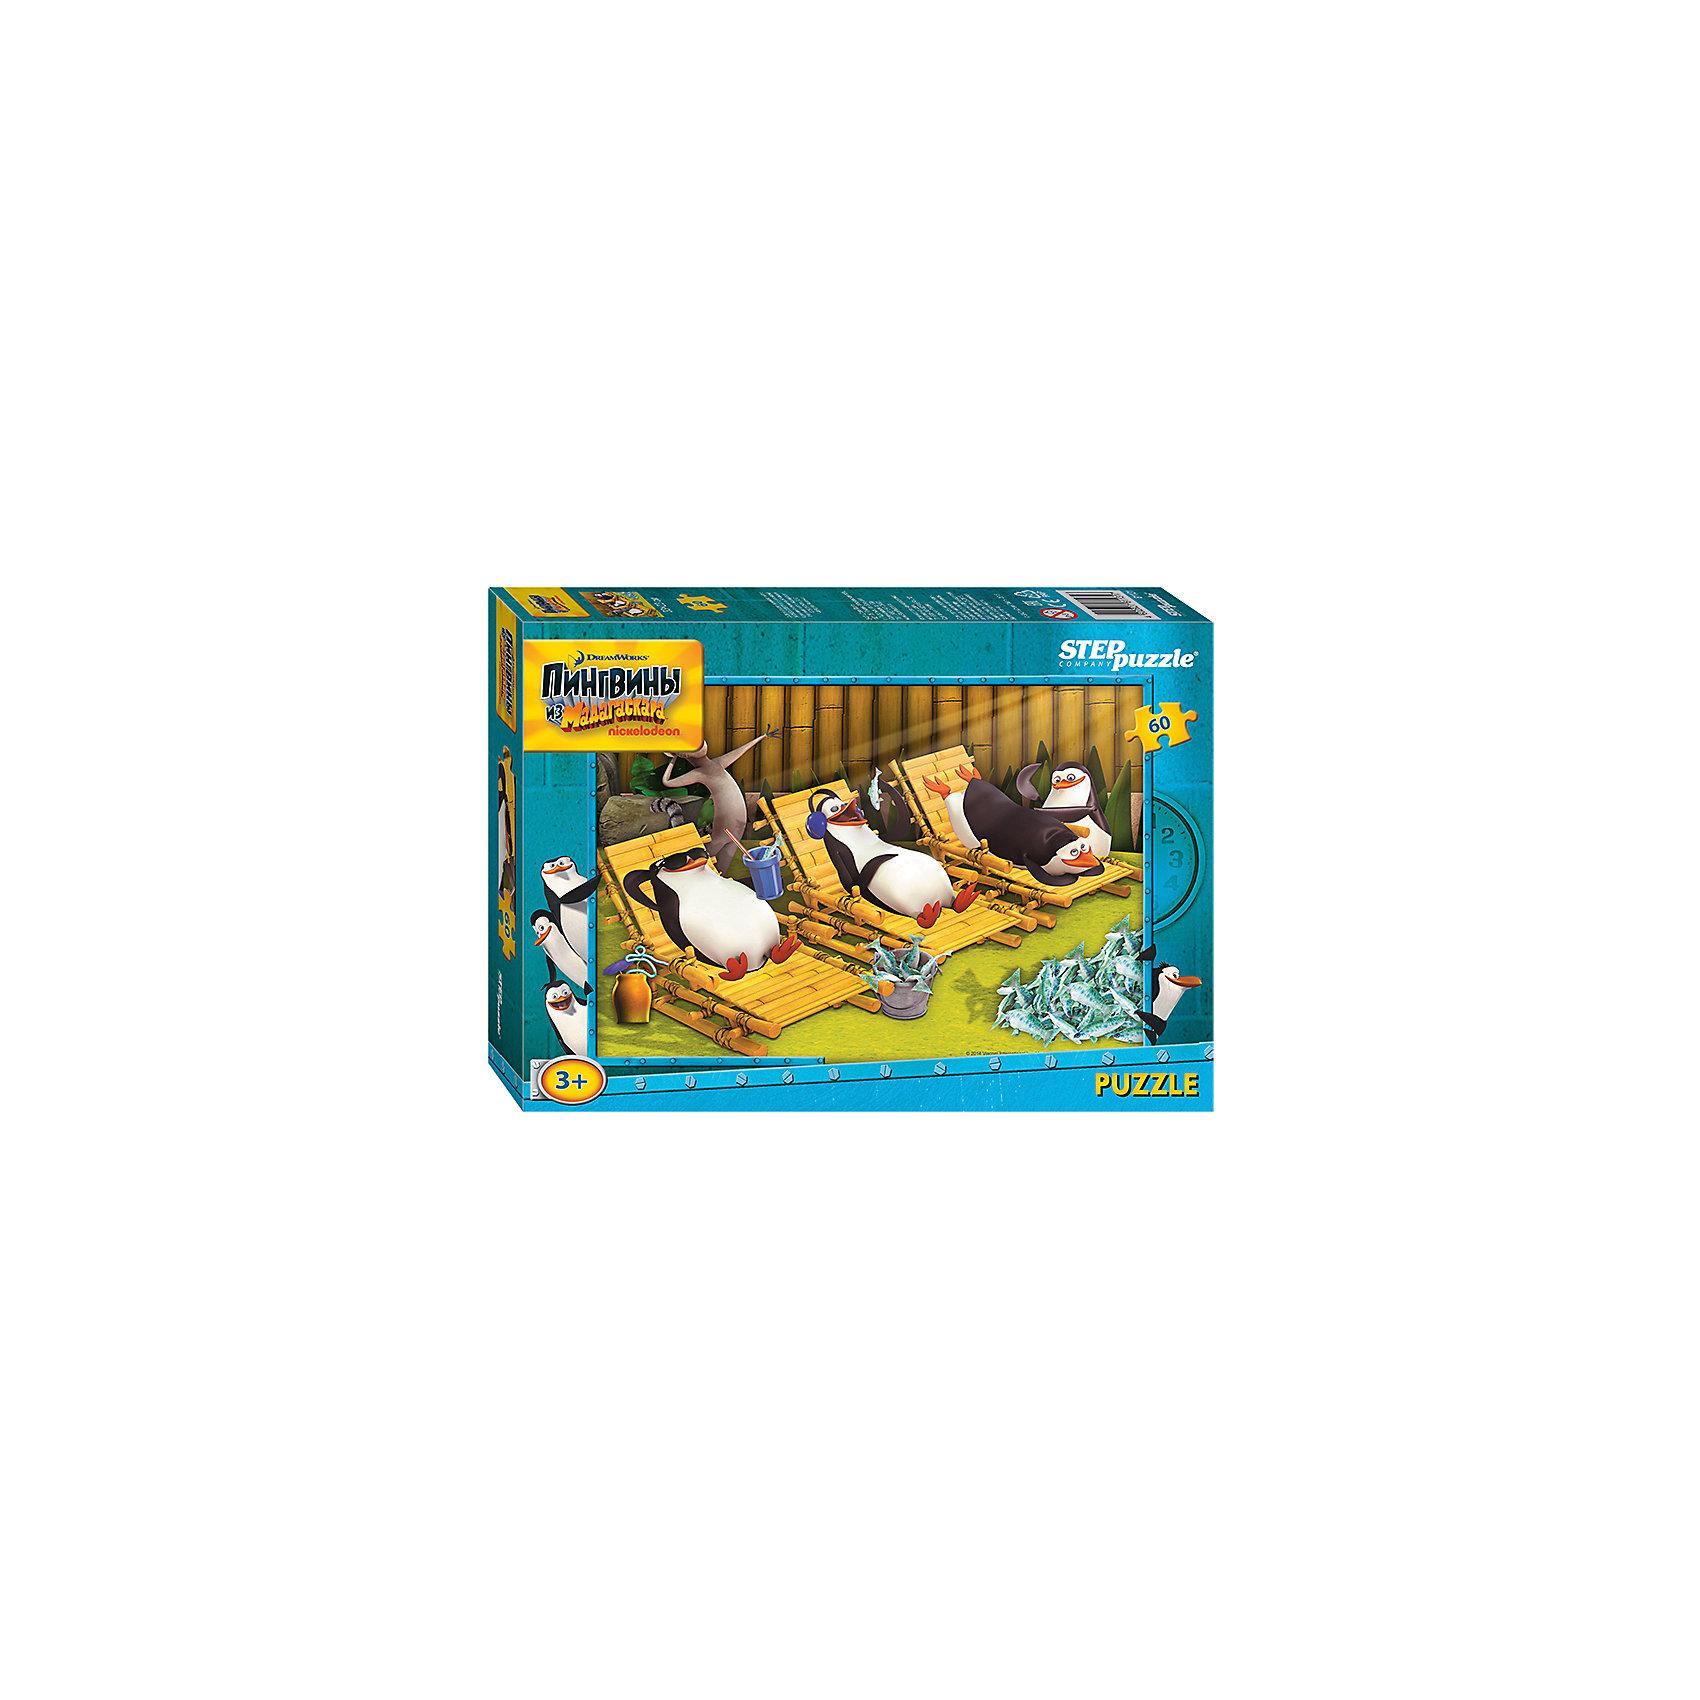 Пазл Пингвины из Мадагаскара, 60 деталей, Step PuzzleПазлы для малышей<br>Пазл Пингвины из Мадагаскара, 60 деталей, Step Puzzle (Степ Пазл) – это замечательный красочный пазл с изображением любимых героев.<br>Шкипер, Рико, Ковальский и Рядовой дружный отряд пингвинов, живущих в Нью-Йоркском зоопарке. Каждый день они попадают в опасные приключения и им часто приходиться спасть мир. Примите участие в приключениях пингвинов из Мадагаскара, подарите ребенку чудесный пазл Пингвины из Мадагаскара, и он будет увлеченно подбирать детали, пока не составит яркую и интересную картинку, на которой герои мультсериала принимают солнечные ванны. Сборка пазла Пингвины из Мадагаскара от Step Puzzle (Степ Пазл) подарит Вашему ребенку не только множество увлекательных вечеров, но и принесет пользу для развития. Координация, моторика, внимательность легко тренируются, пока ребенок увлеченно подбирает детали. Качественные фрагменты пазла отлично проклеены и идеально подходят один к другому, поэтому сборка пазла обеспечит малышу только положительные эмоции. Вы будете использовать этот пазл не один год, ведь благодаря качественной нарезке детали не расслаиваются даже после многократного использования.<br><br>Дополнительная информация:<br><br>- Количество деталей: 60<br>- Материал: картон<br>- Размер собранной картинки: 33х23 см.<br>- Отличная проклейка<br>- Долгий срок службы<br>- Детали идеально подходят друг другу<br>- Яркий сюжет<br>- Упаковка: картонная коробка<br>- Размер упаковки: 195x35x140 мм.<br>- Вес: 400 гр.<br><br>Пазл Пингвины из Мадагаскара, 60 деталей, Step Puzzle (Степ Пазл) можно купить в нашем интернет-магазине.<br><br>Ширина мм: 195<br>Глубина мм: 35<br>Высота мм: 140<br>Вес г: 400<br>Возраст от месяцев: 36<br>Возраст до месяцев: 84<br>Пол: Унисекс<br>Возраст: Детский<br>Количество деталей: 60<br>SKU: 4588300